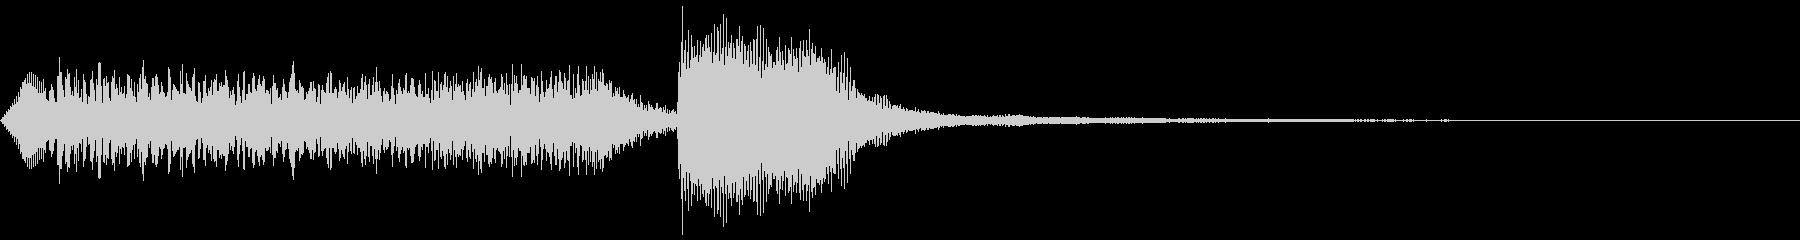 起承転結感ある効果音の未再生の波形